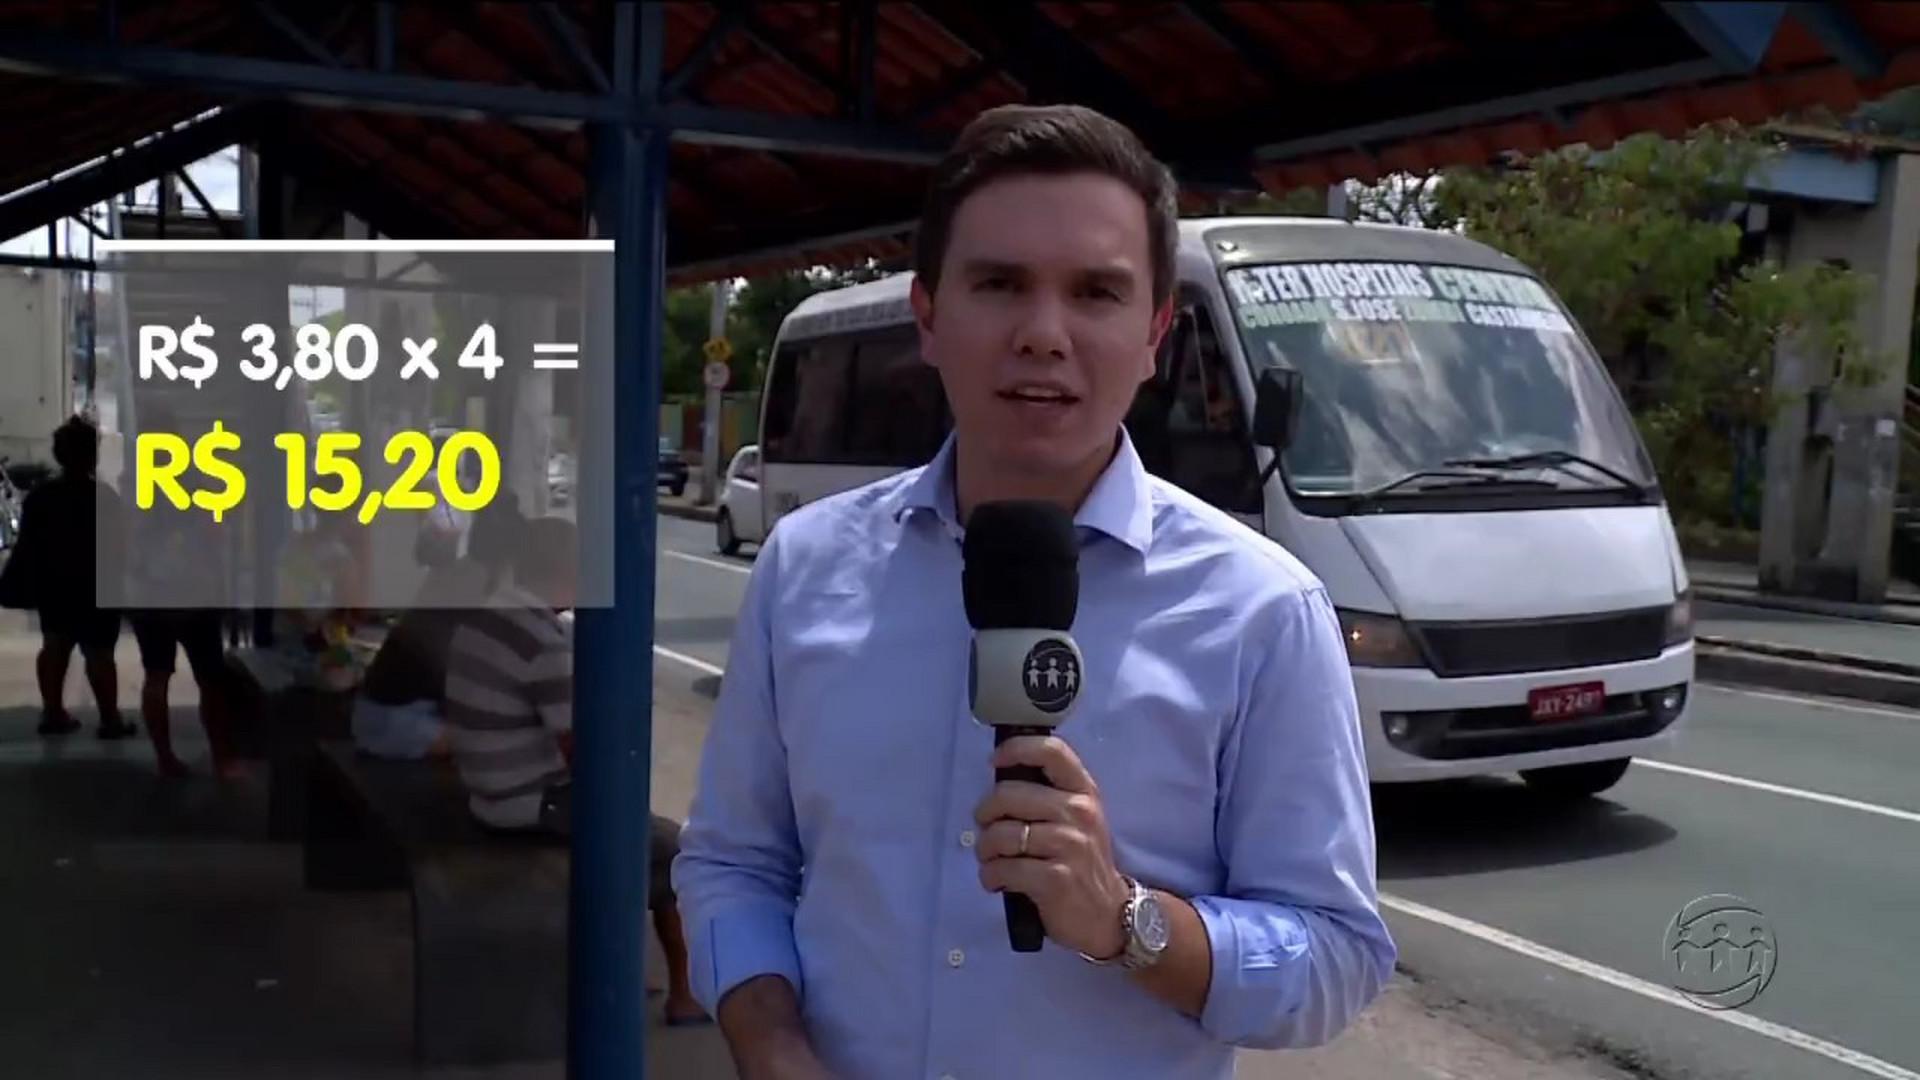 ELEIÇÕES: VEREADOR PEDE GRATUIDADE DOS ÔNIBUS NO SEGUNDO TURNO - A Crítica Na Tv - 10/08/17